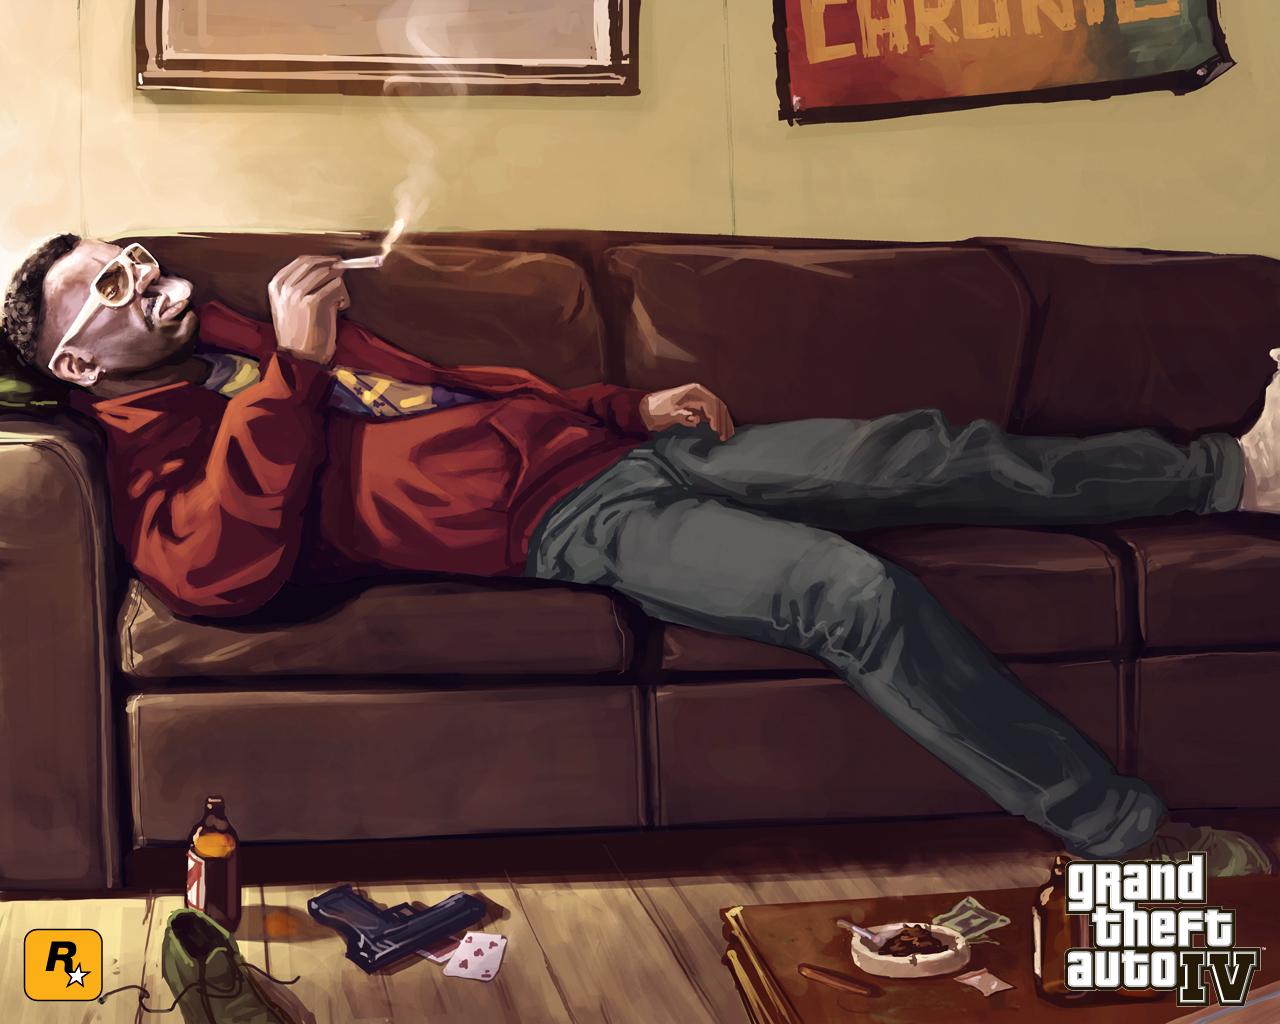 Fond ecran wallpaper Grand Theft Auto 4   JeuxVideofr 1280x1024